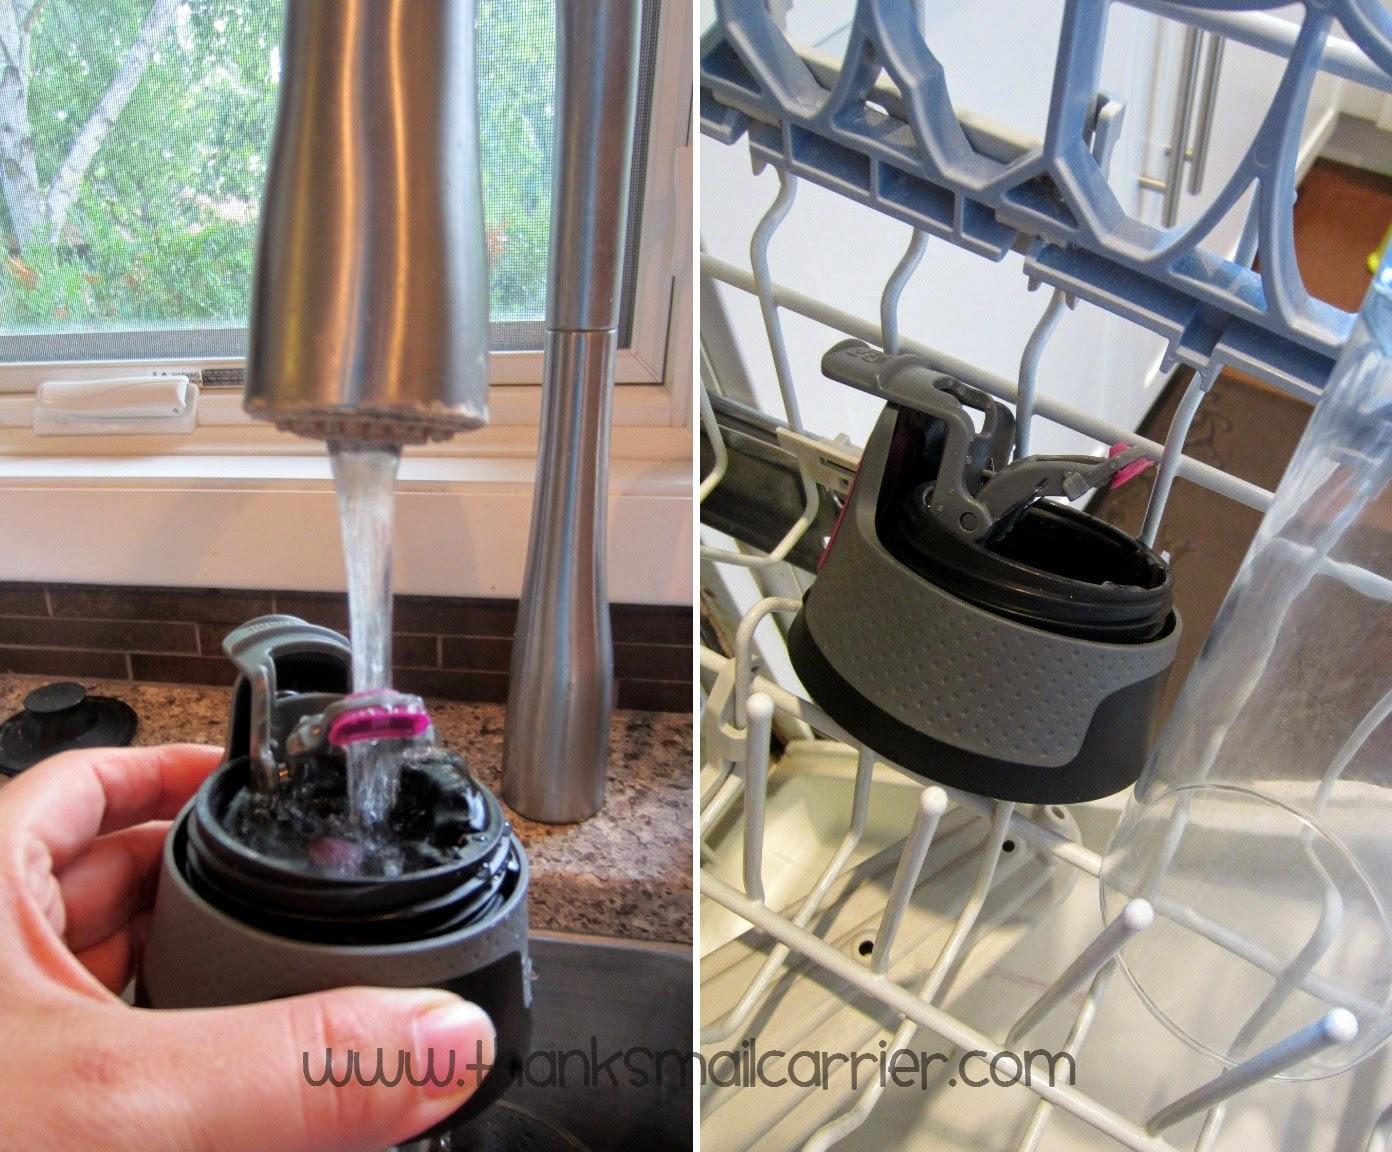 Contigo dishwasher safe